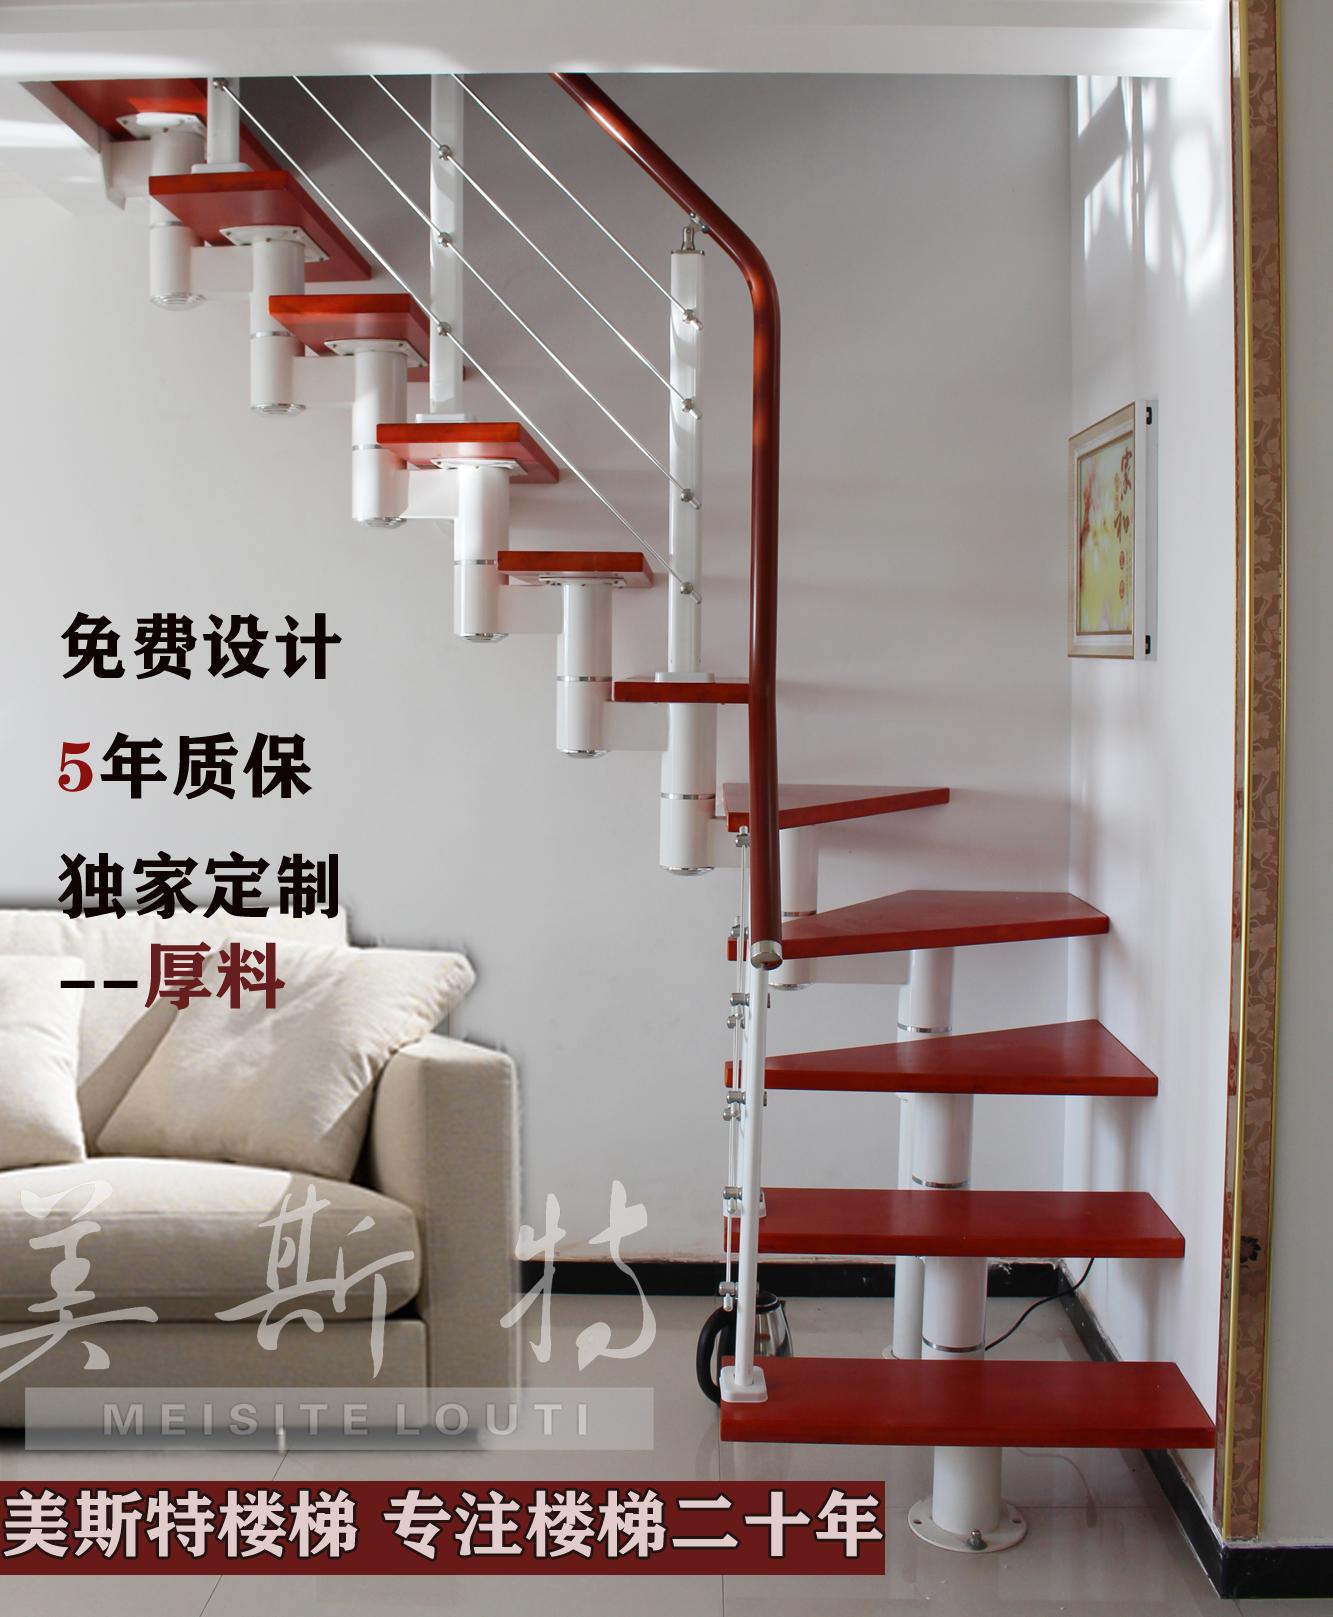 楼梯钢木室内阁楼楼梯 整梯 复式楼梯 脊索加厚用料  定制L型厂家